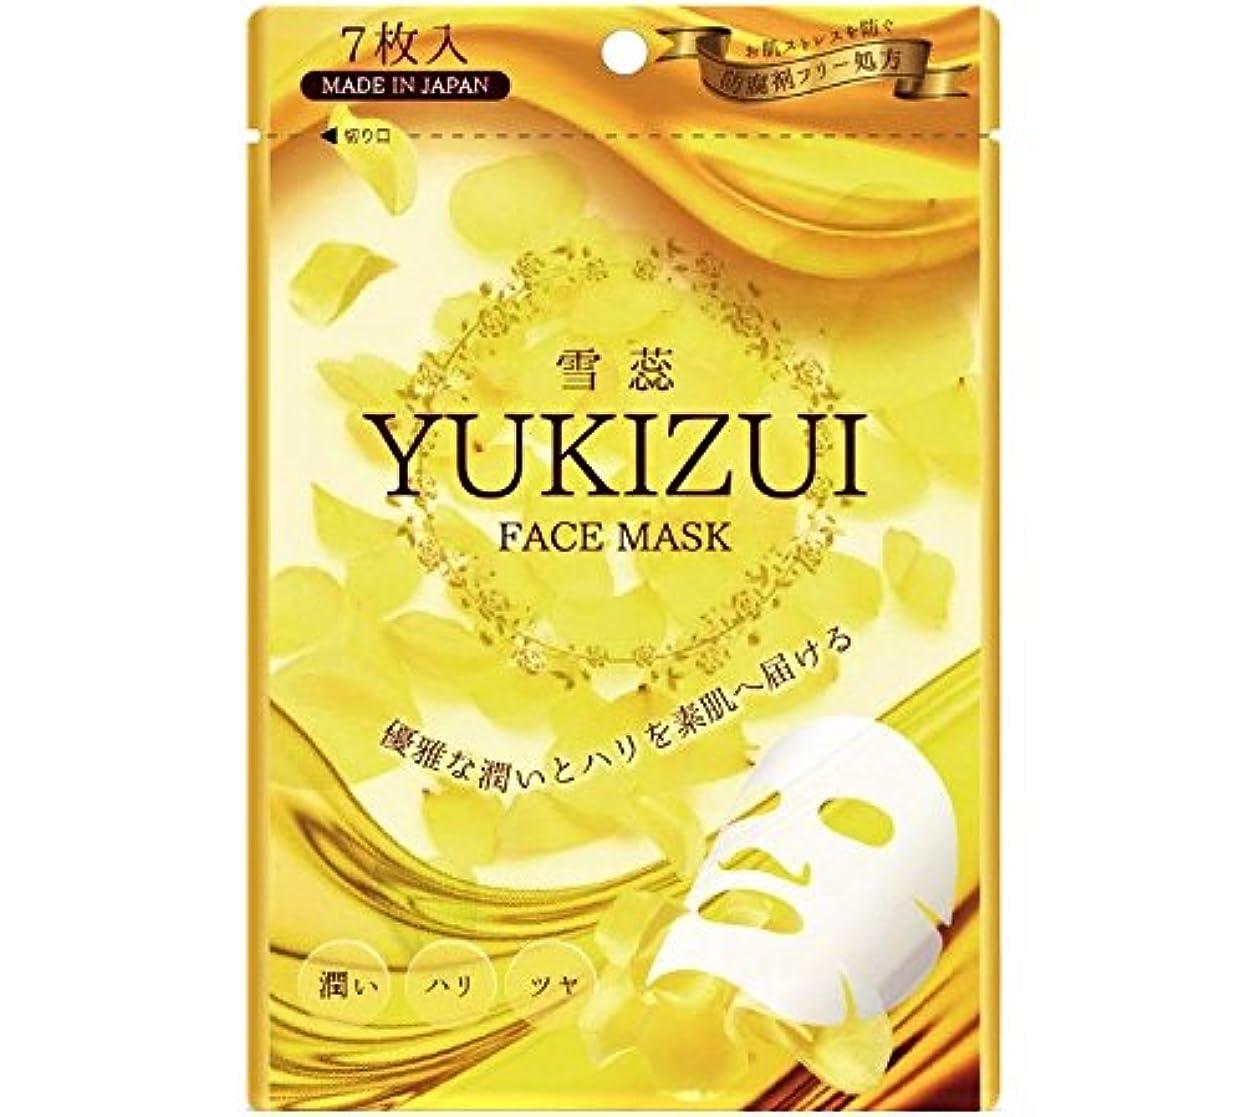 ペネロペ小川サルベージ雪蕊 YUKIZUI フェイスマスク 防腐剤フリー 天然コットン使用でふんわり密着感 7枚入